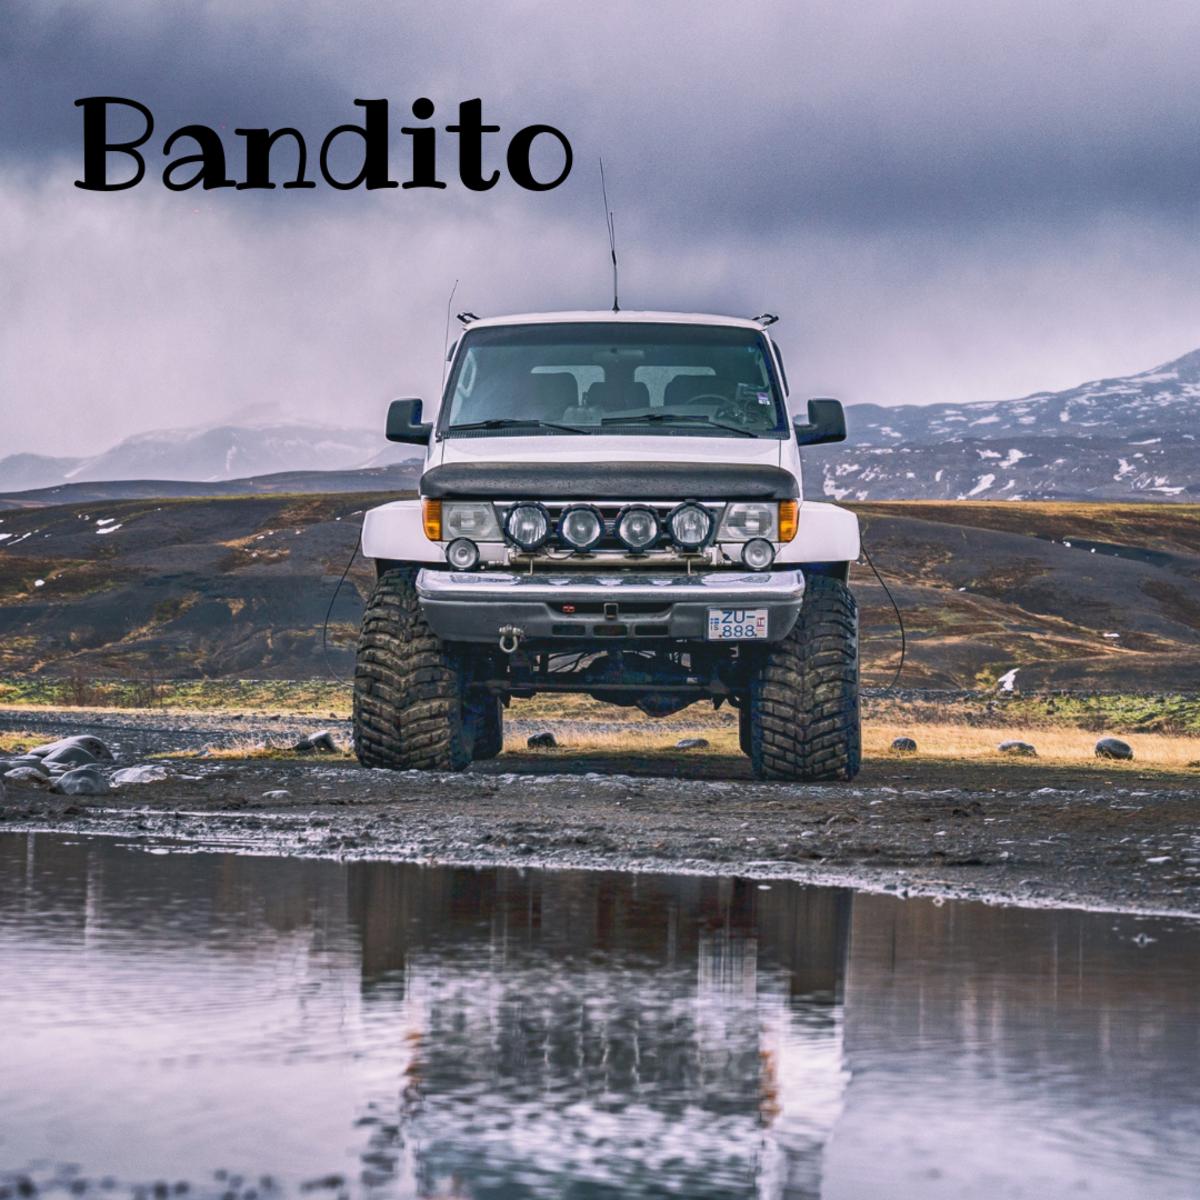 Bandito?